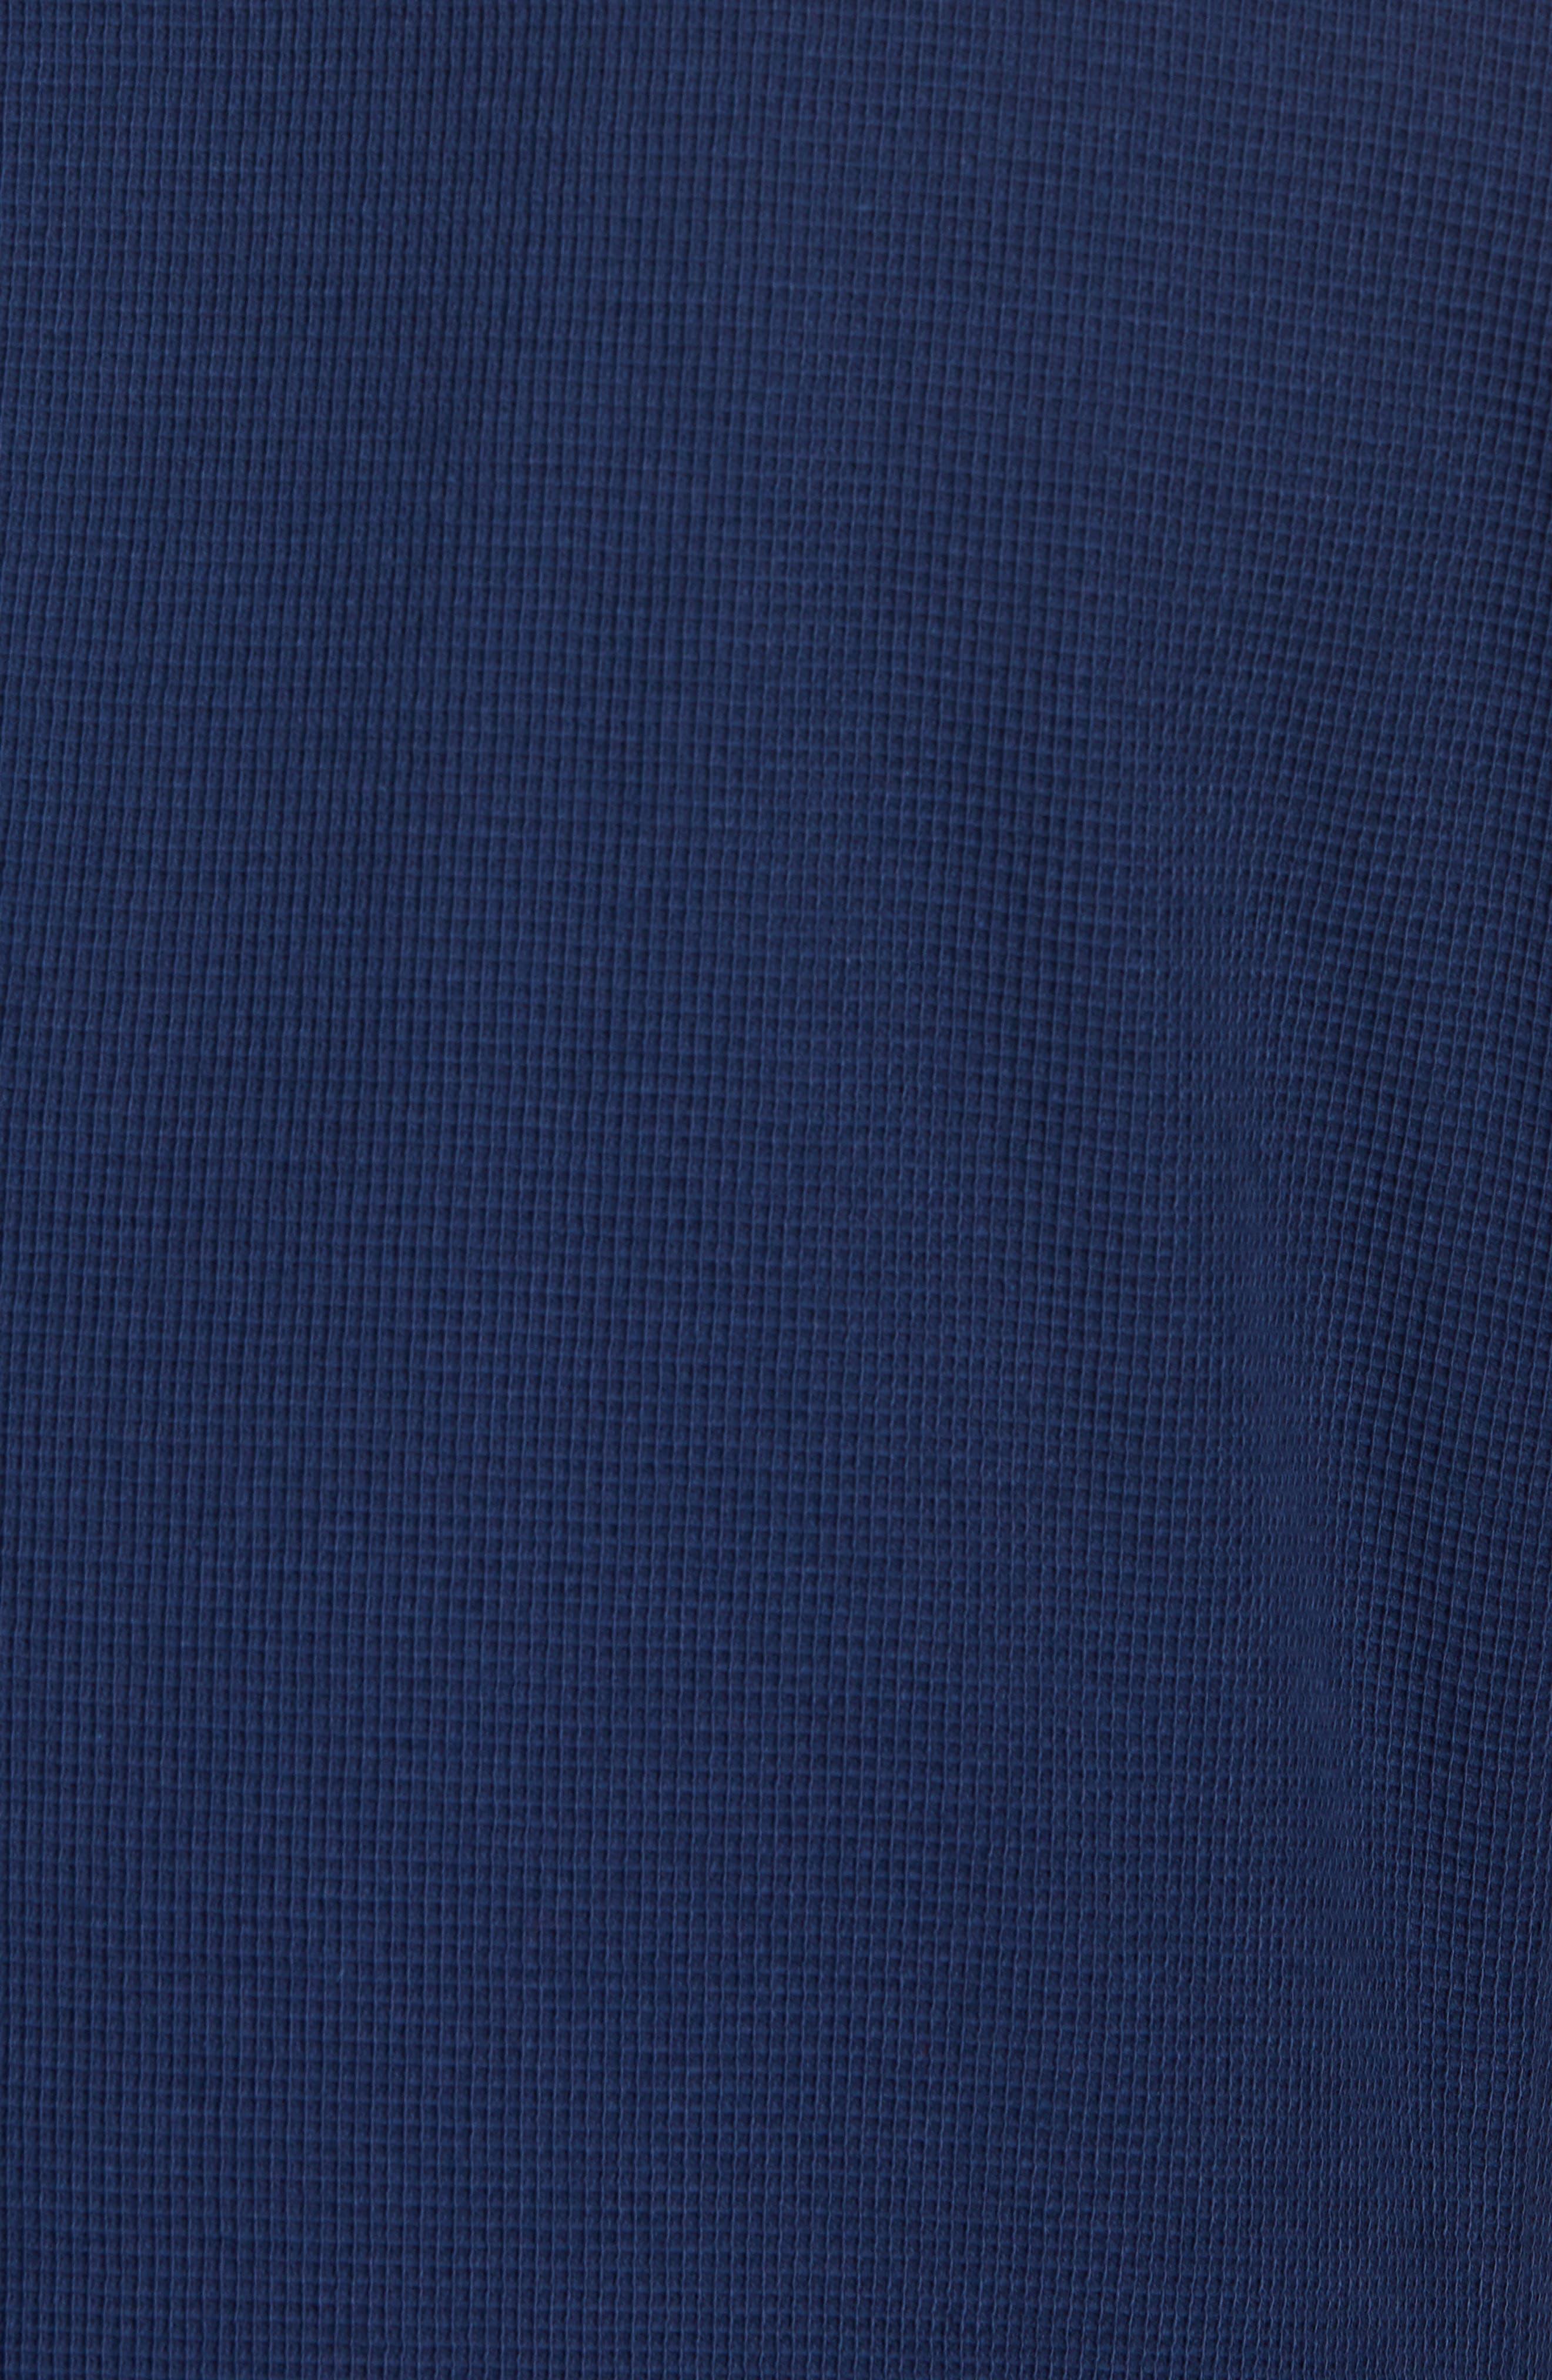 BUGATCHI,                             Regular Fit Cotton Piqué Blazer,                             Alternate thumbnail 6, color,                             411